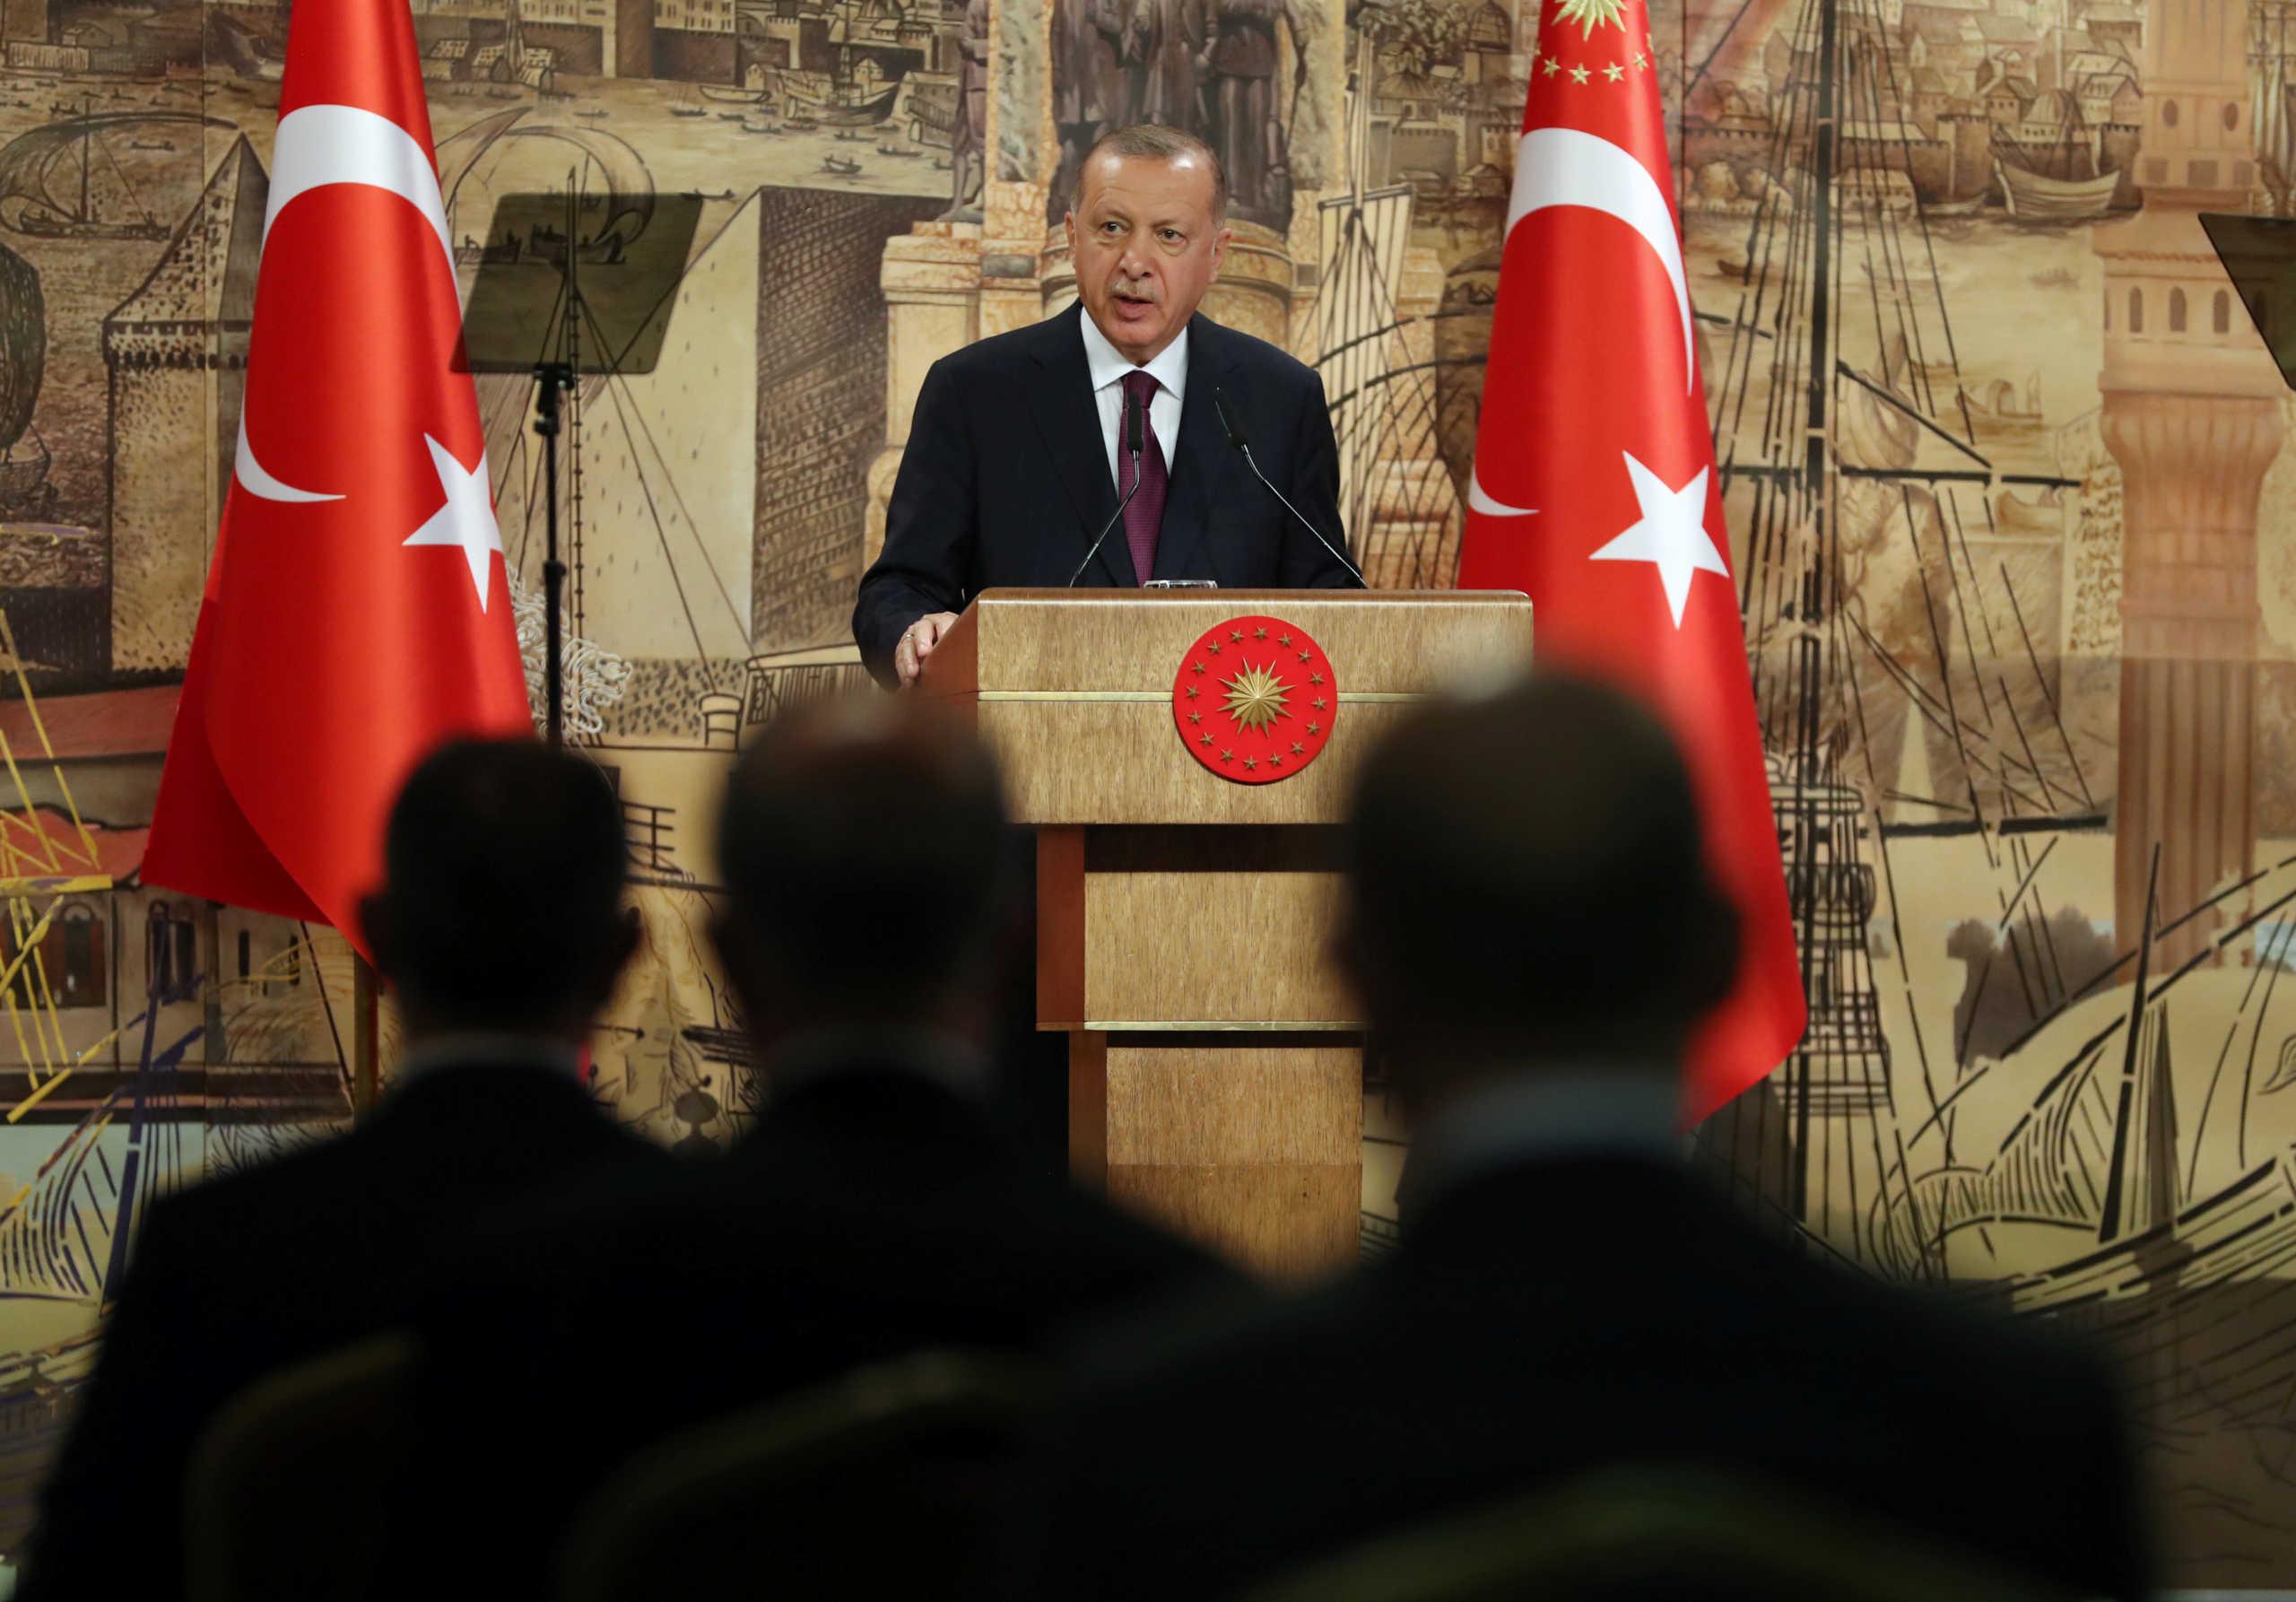 Ερντογάν: Ανακαλύψαμε 320 δισ. κυβικά μέτρα φυσικού αερίου στη Μαύρη Θάλασσα – Ελπίζουμε και στη Μεσόγειο!